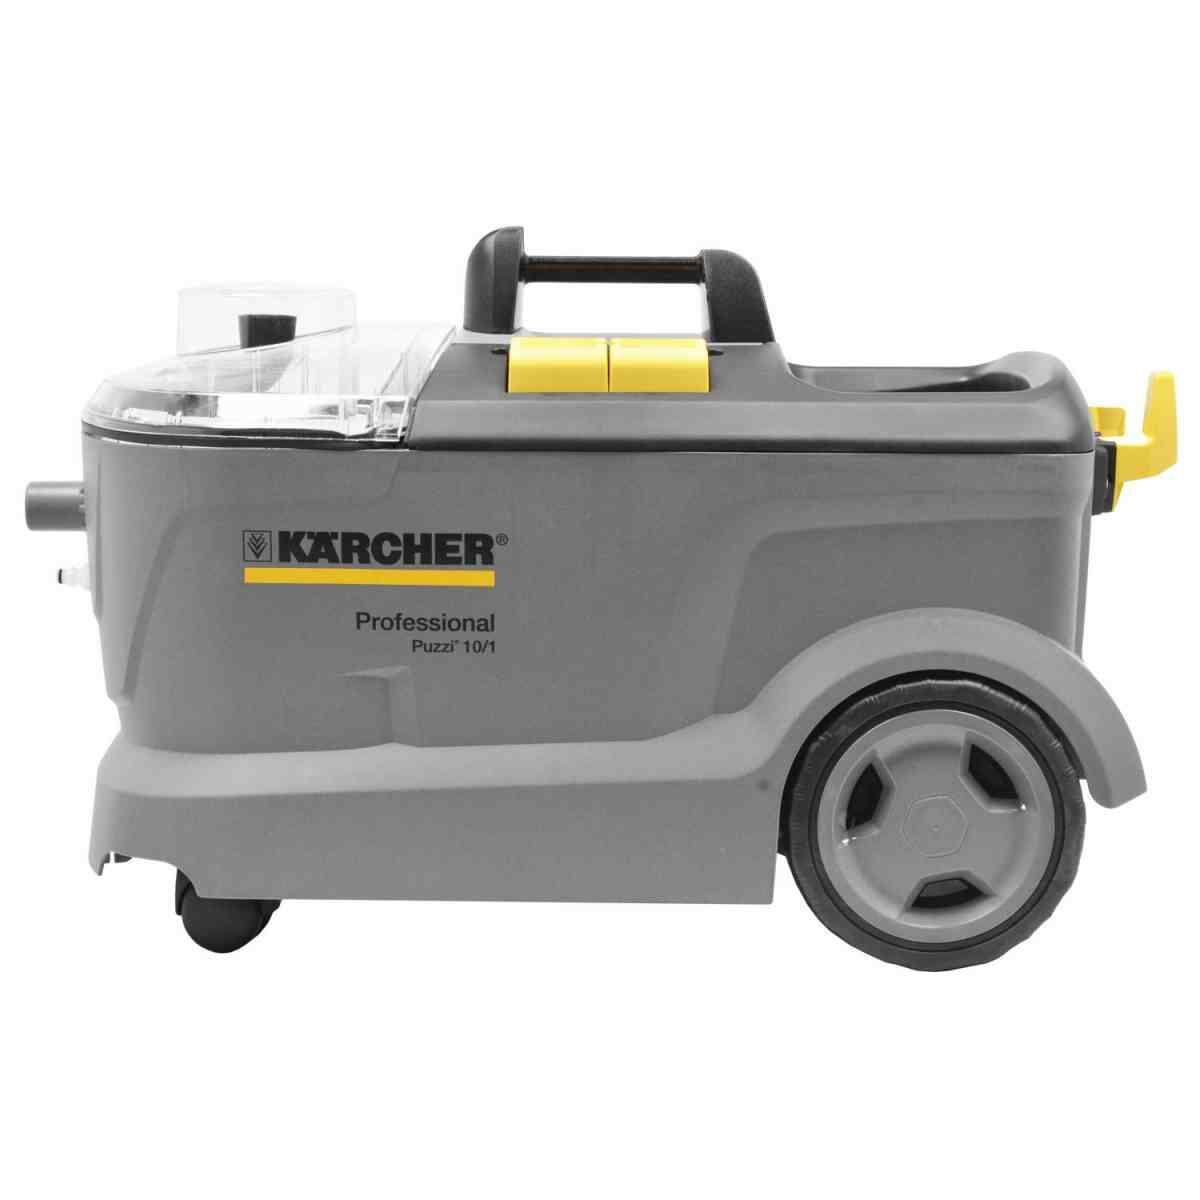 Extratora E Limpadora 1250W Puzzi 10/1 Karcher - 127V